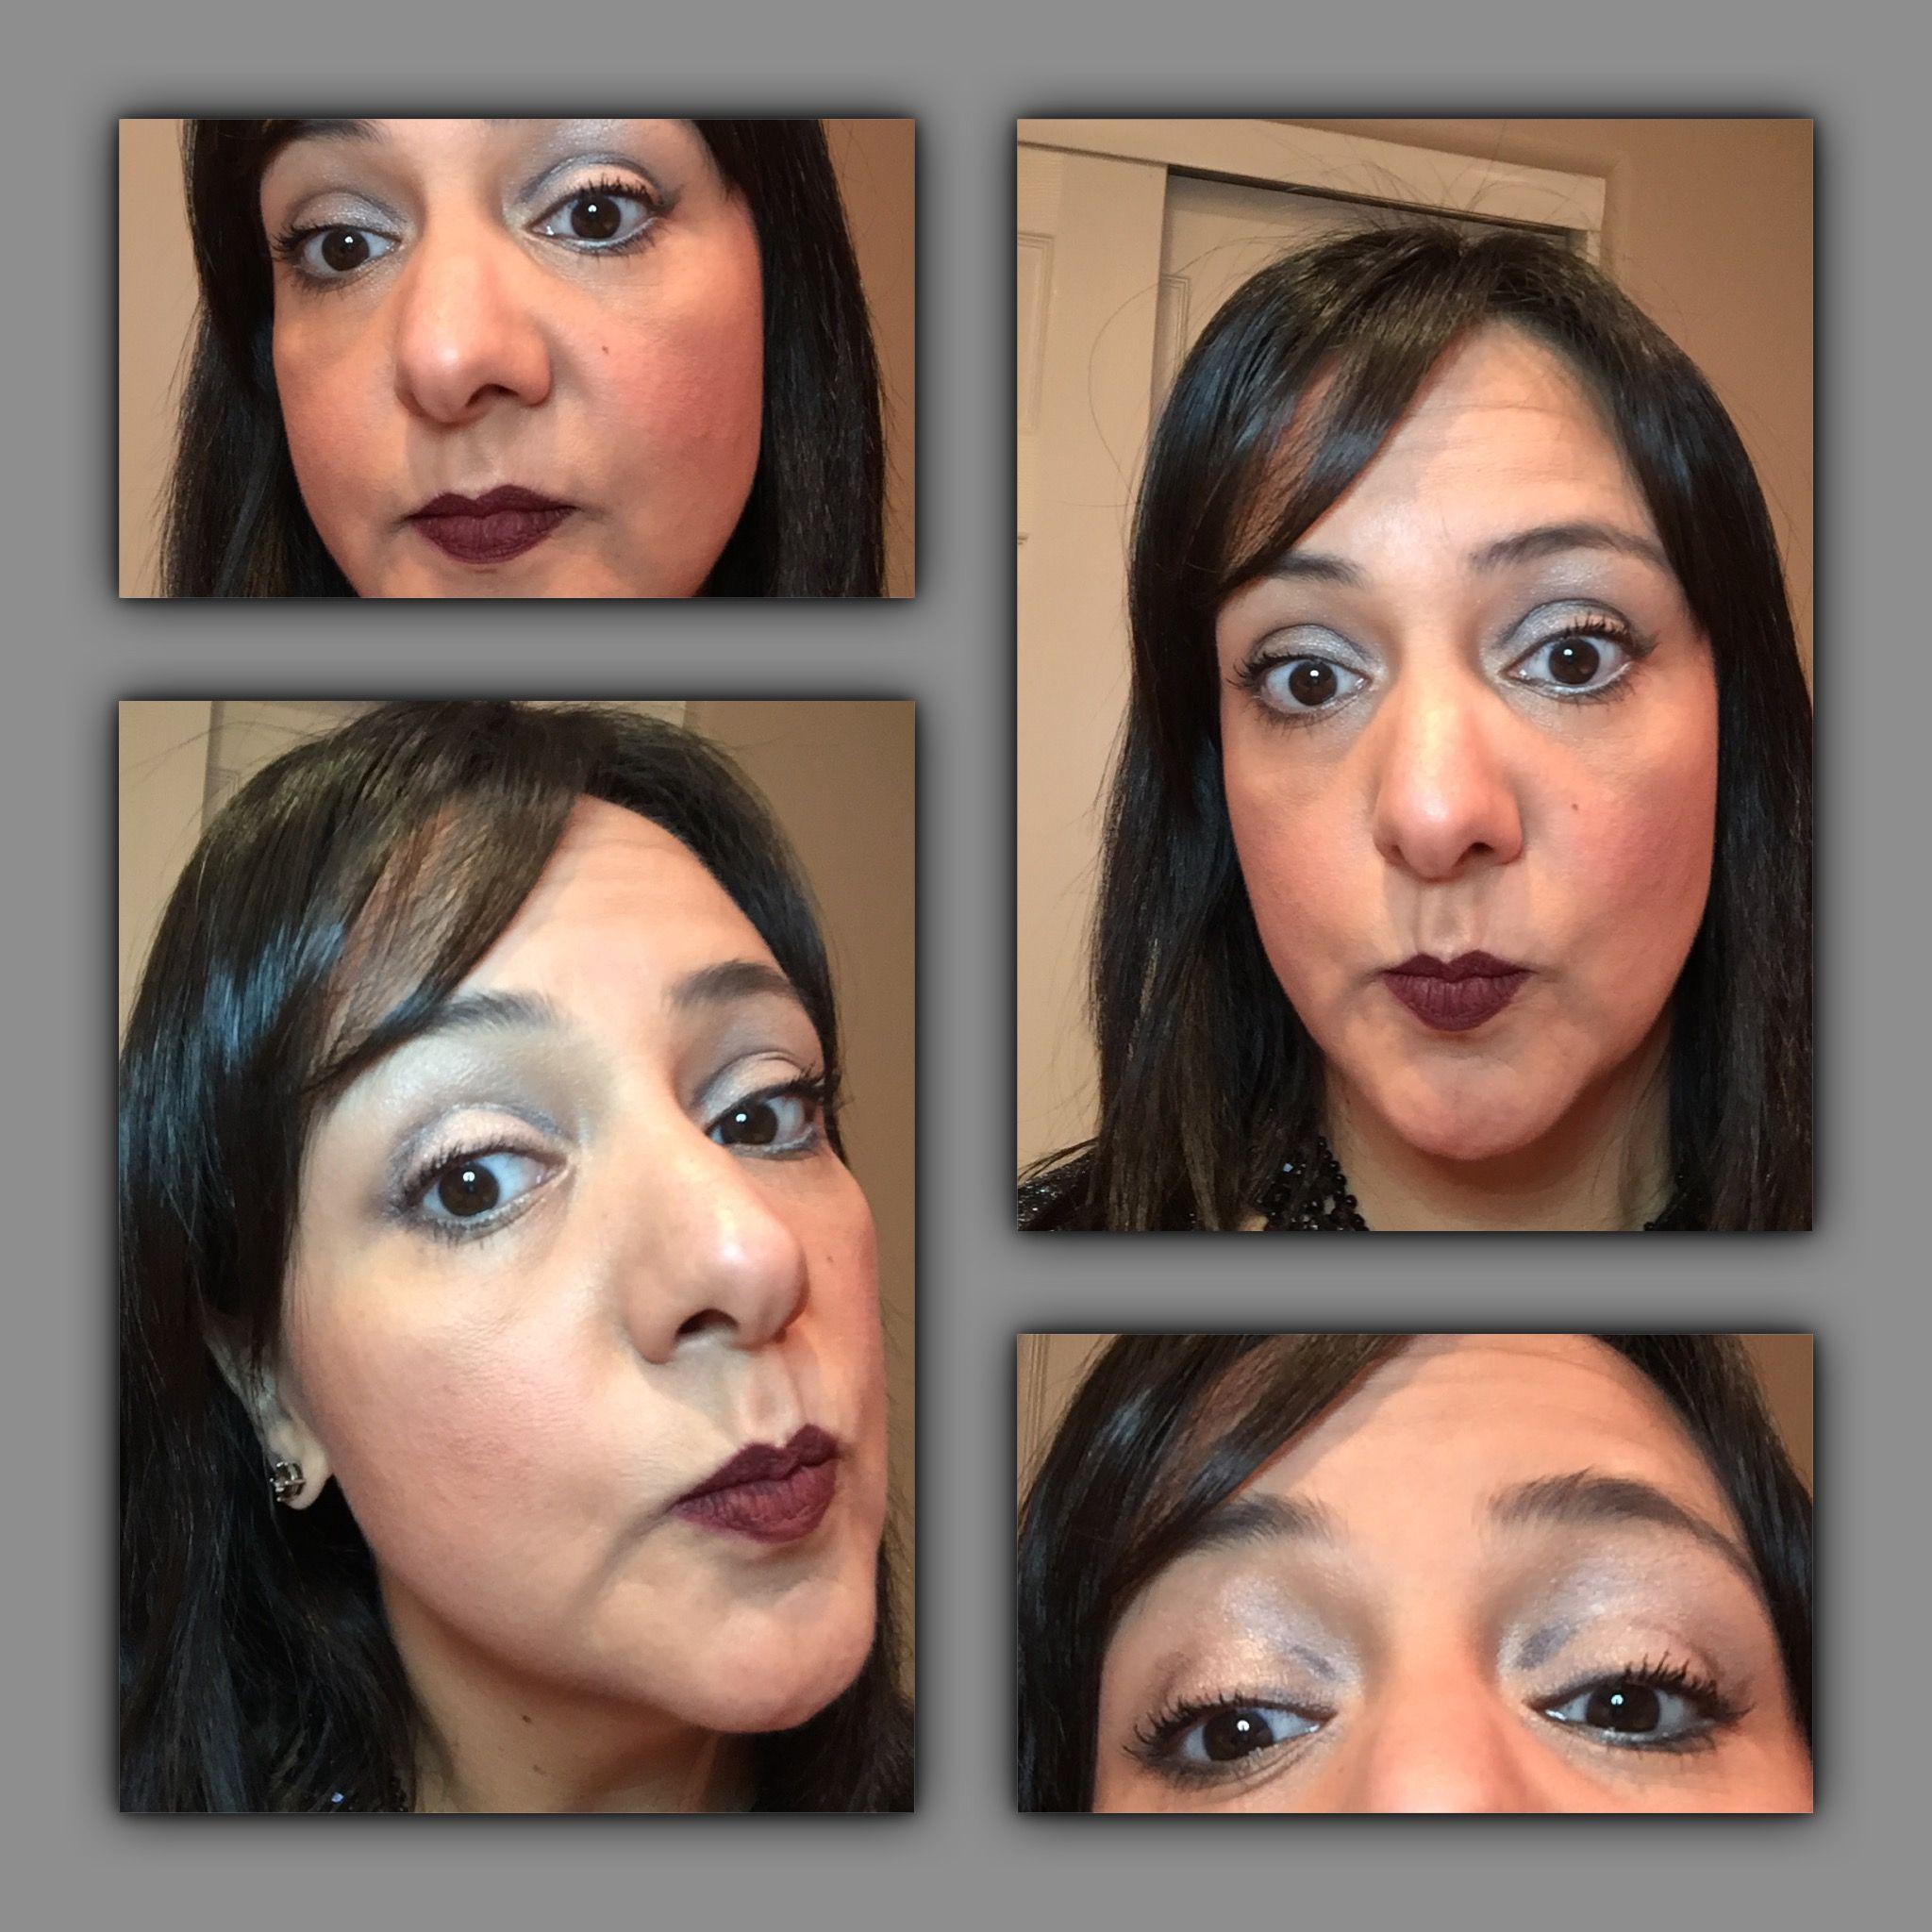 """Younique maquillaje líquido chiffon, younique primer glorious, younique sombra de ojos paleta #2 tonos grises, younique lipstick splash  """"stoic"""", younique delineador de ojos """"perfect"""" y """"polished"""""""